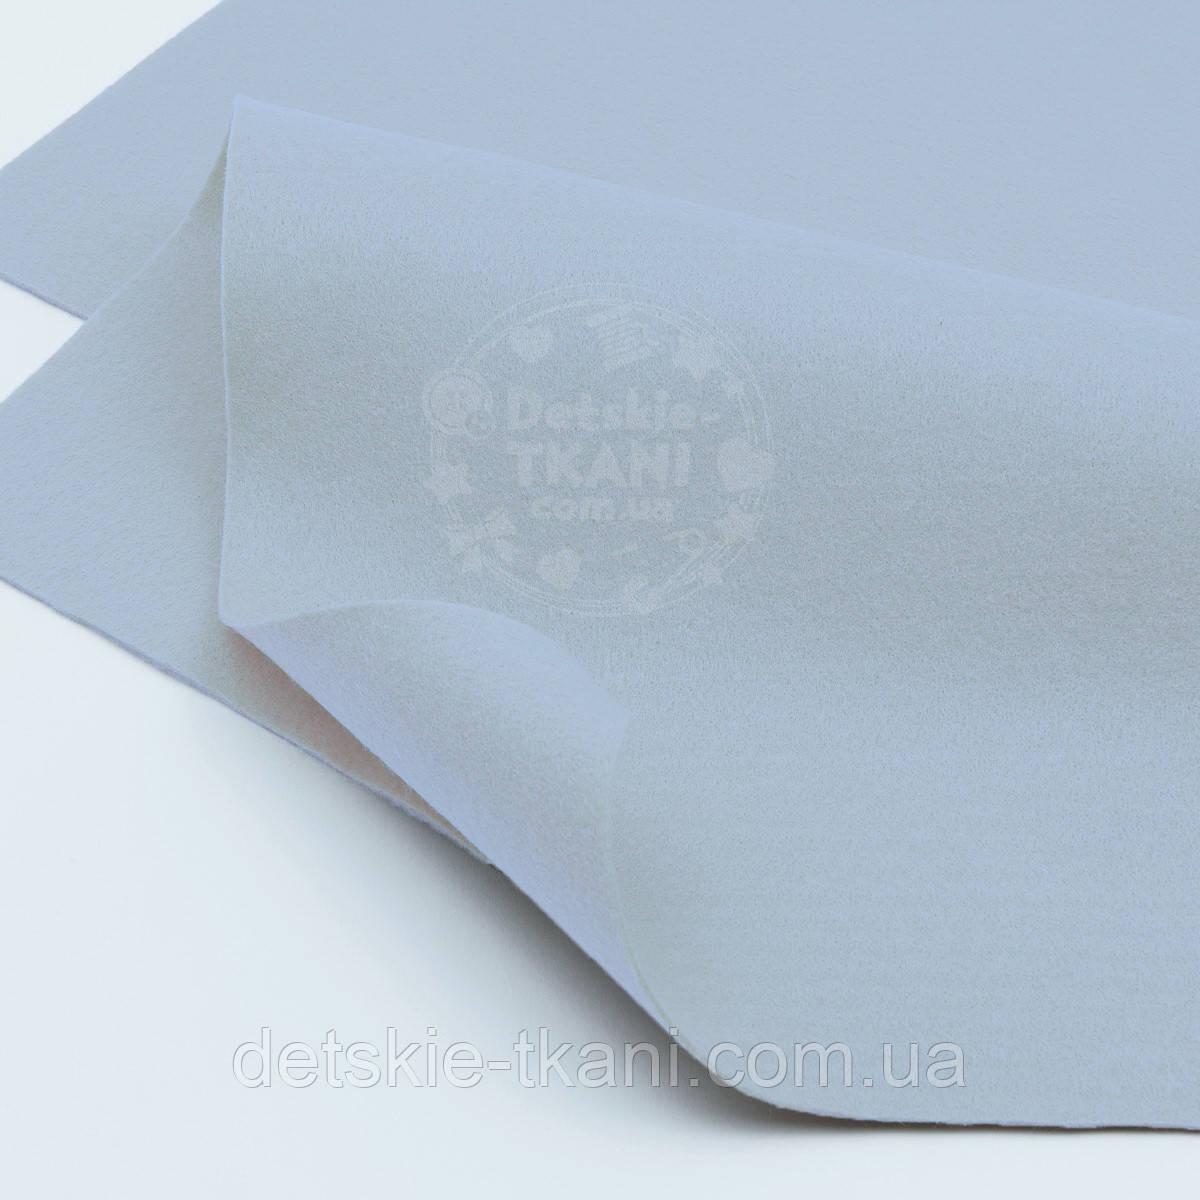 Мягкий листовой фетр светло-голубого цвета 20*30 см (ФМ-24)